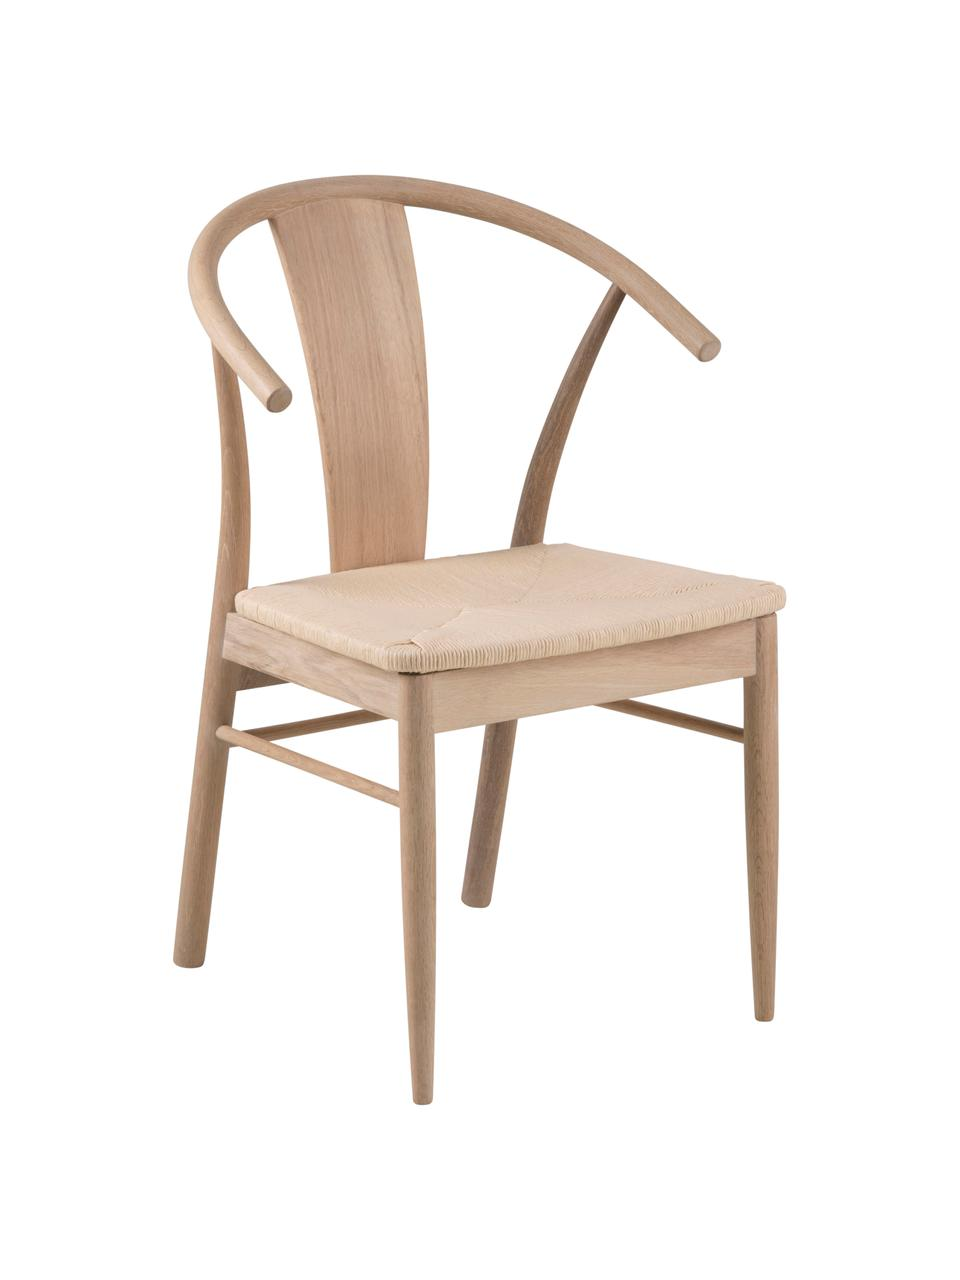 Sedia in legno di quercia Janik, Struttura: legno di quercia pigmenta, Seduta: vimini giunco, Beige, Larg. 54 x Prof. 54 cm